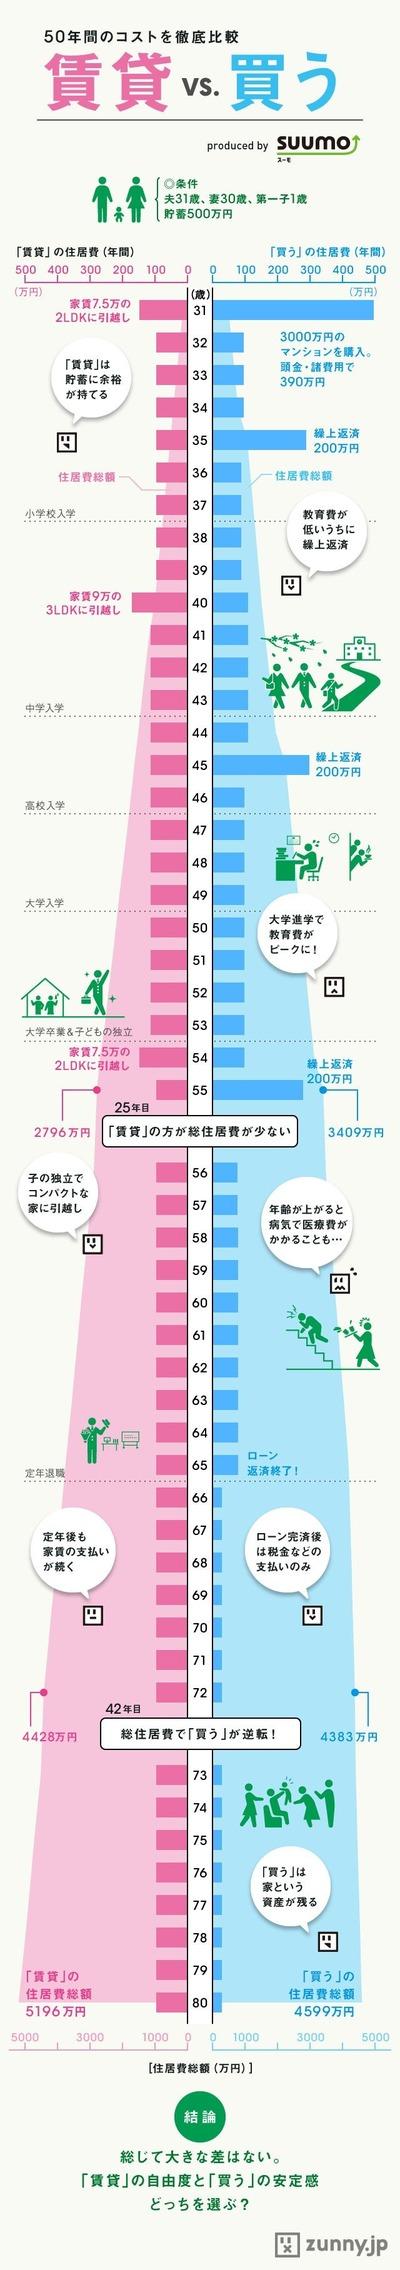 賃貸 vs 分譲 どっちが得なの?